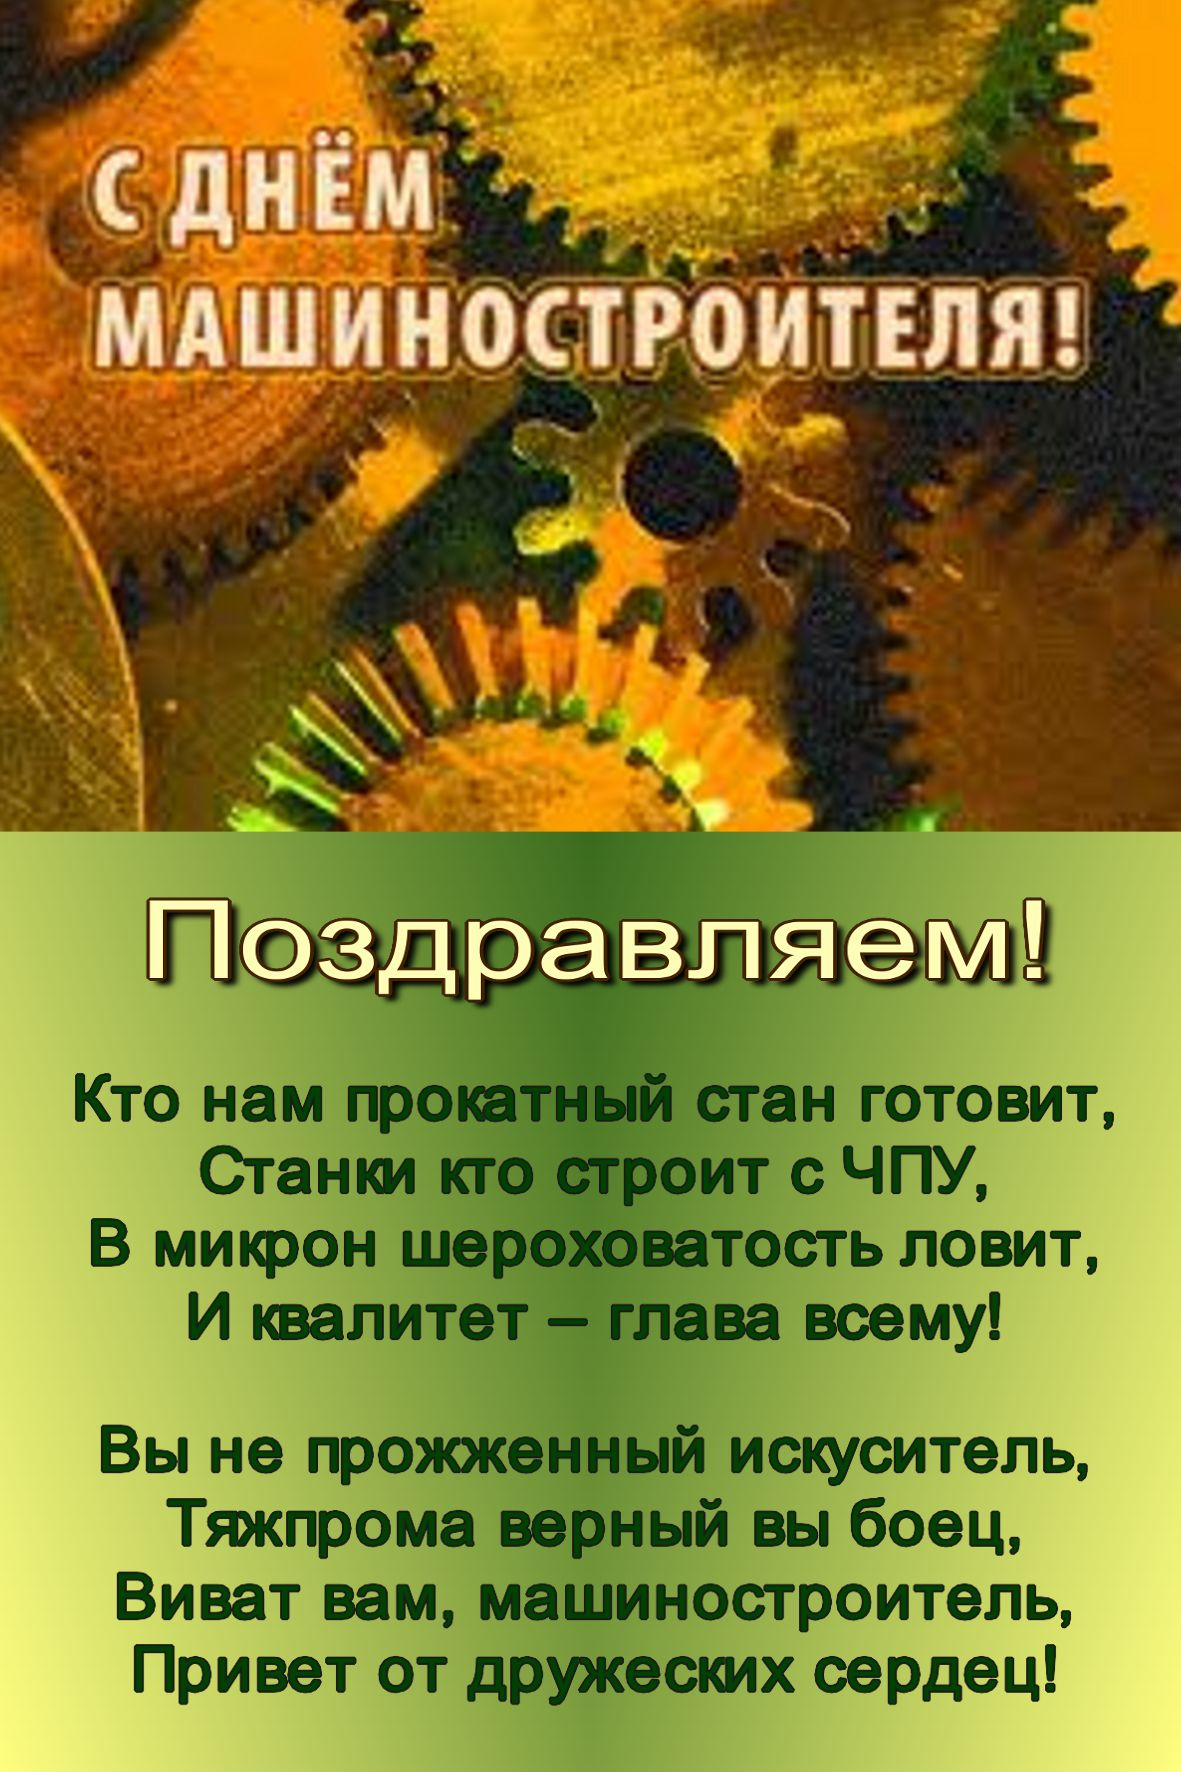 Открытки. День машиностроителя. Успехов